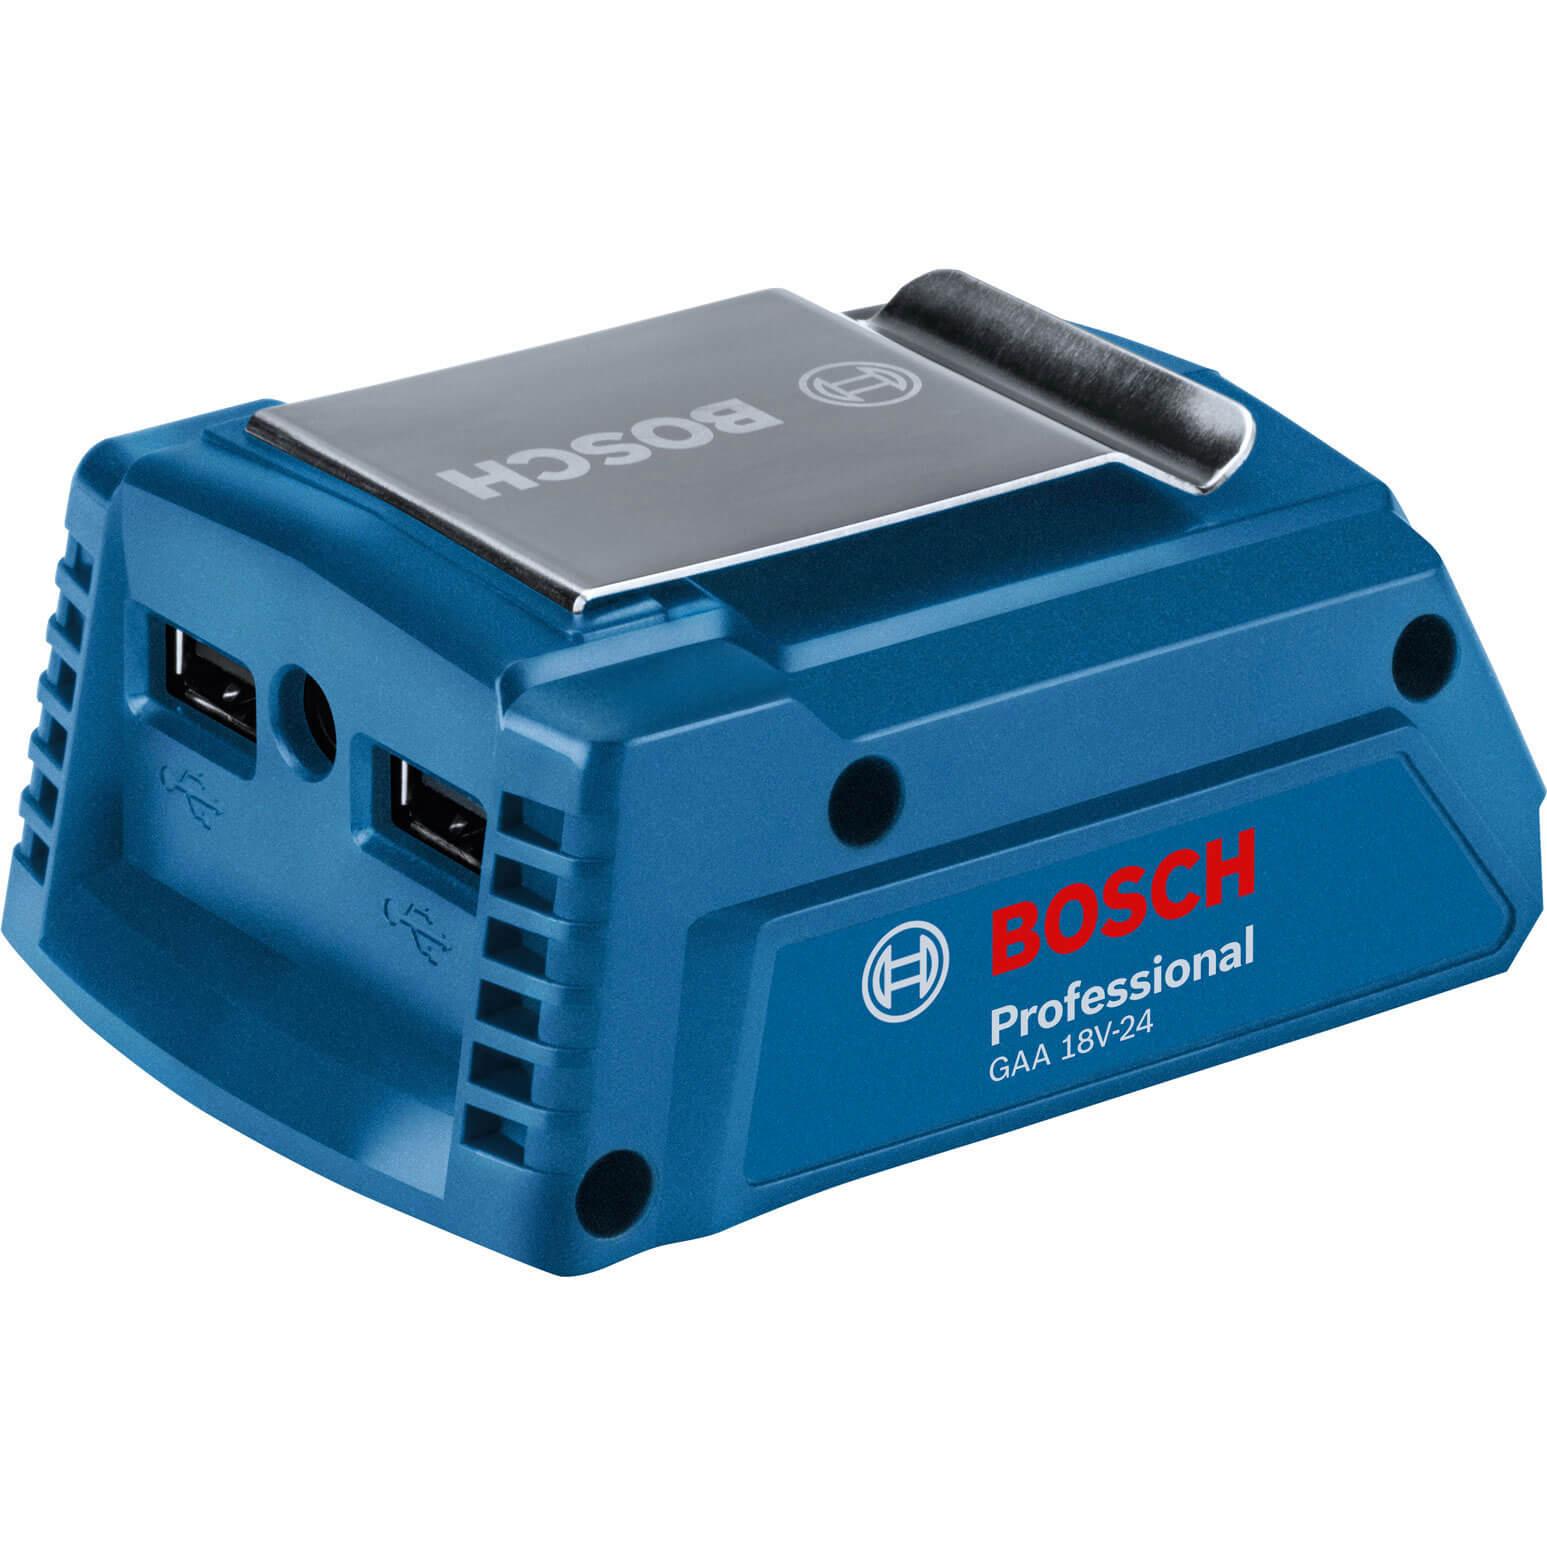 Image of Bosch GAA 18 V-24 USB Battery Adaptor